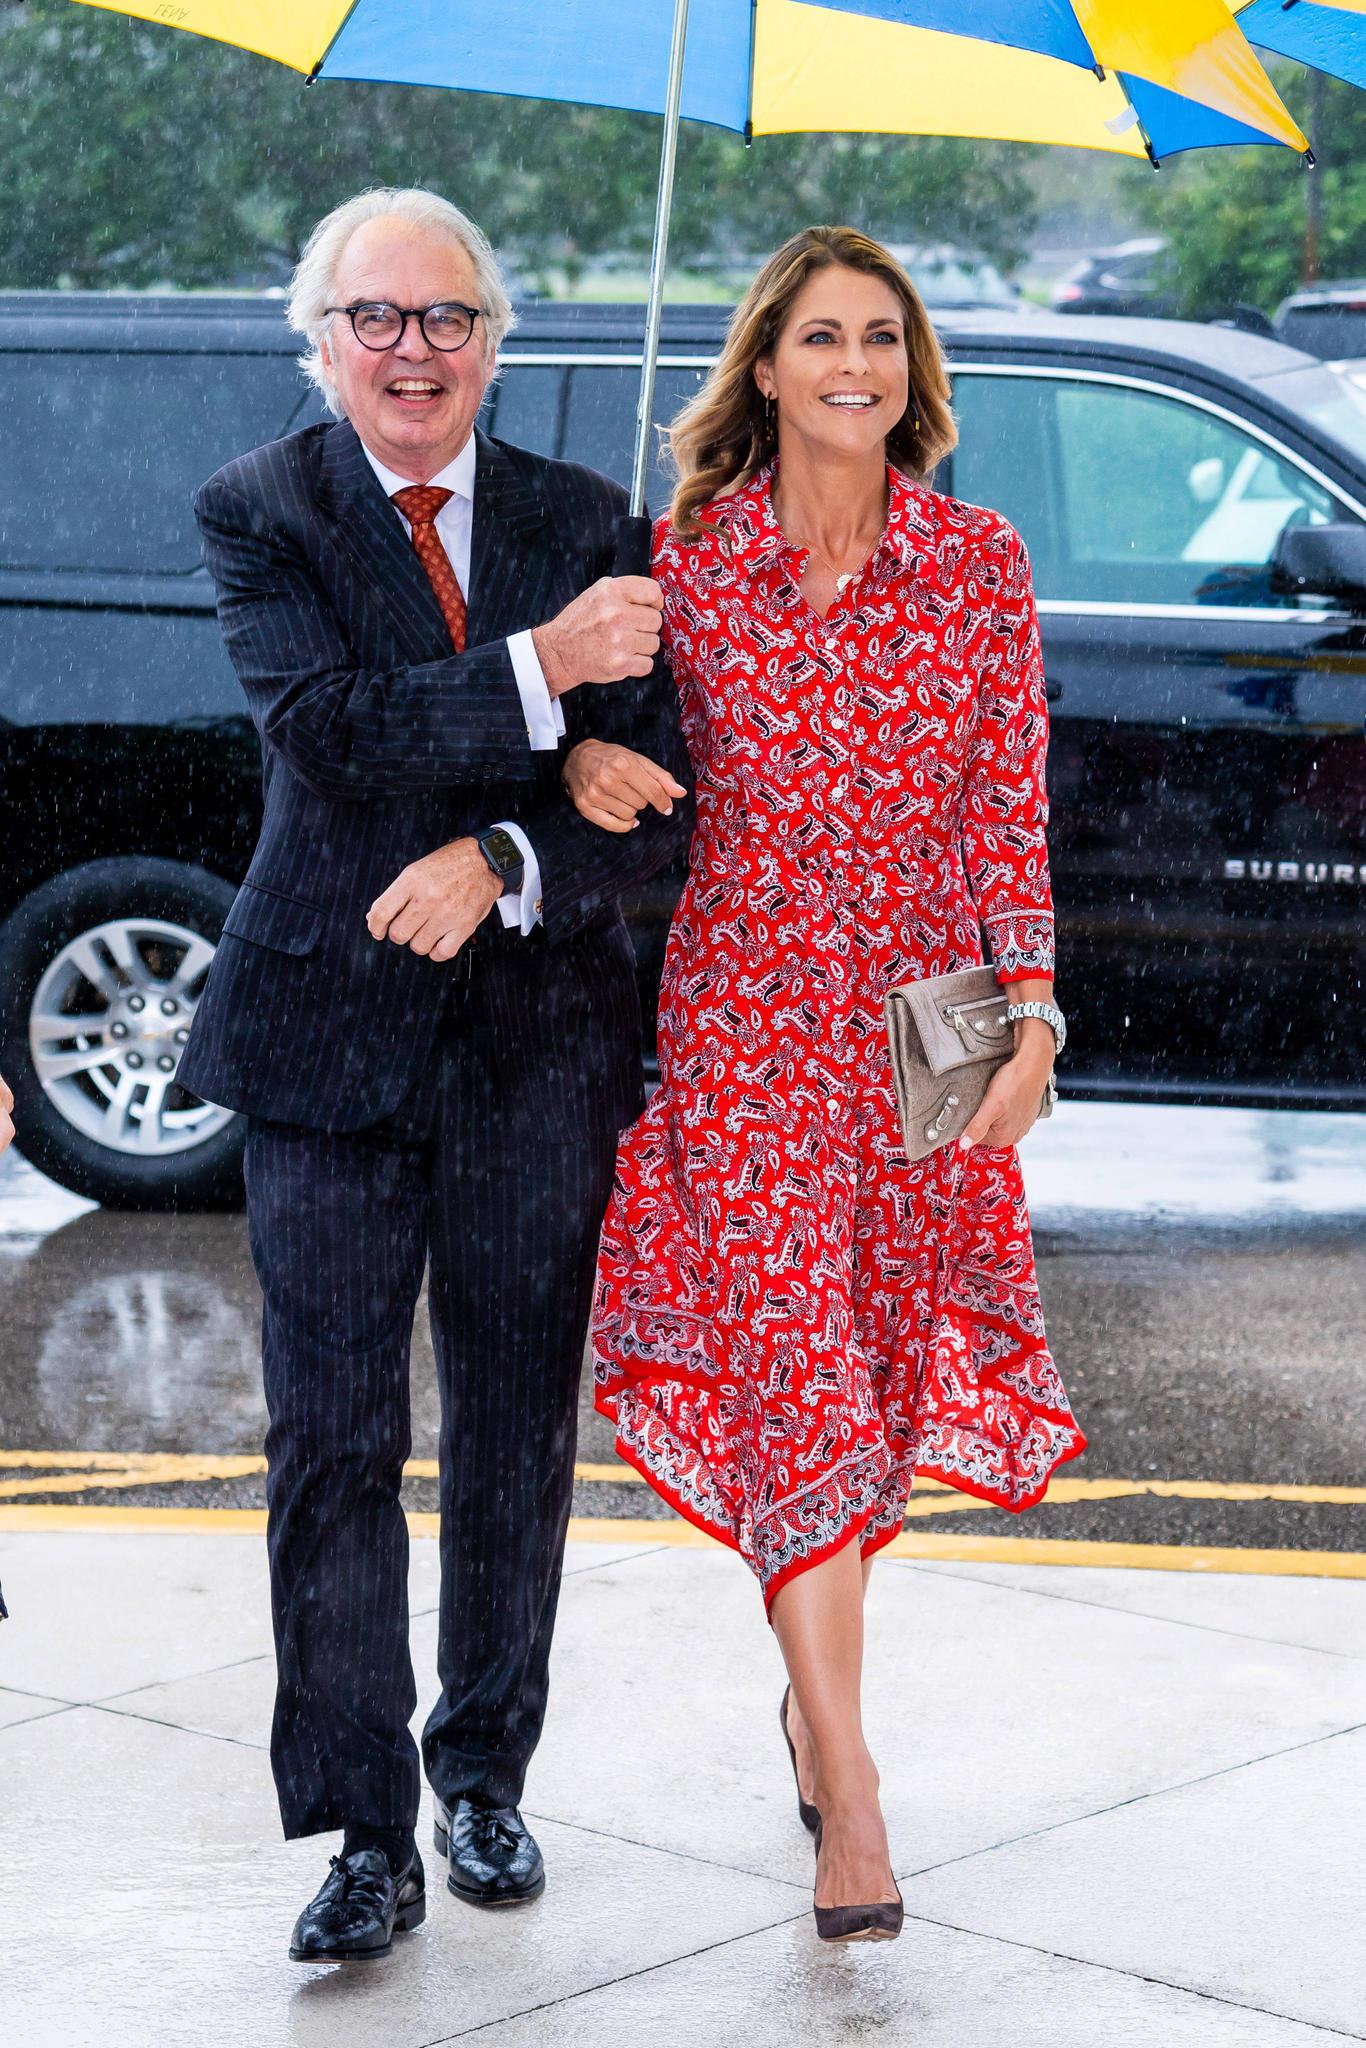 Prinzessin Madeleine strahlt trotz Regen beim zehnjährigen Jubiläum der schwedischen Kirche in Florida. Sie trägt ein Kleid mit Paisley-Muster von Veronica Beard, dazu Ohrringe von J. Crew, eine Uhr von Rolex und eine Balenciaga-Clutch.